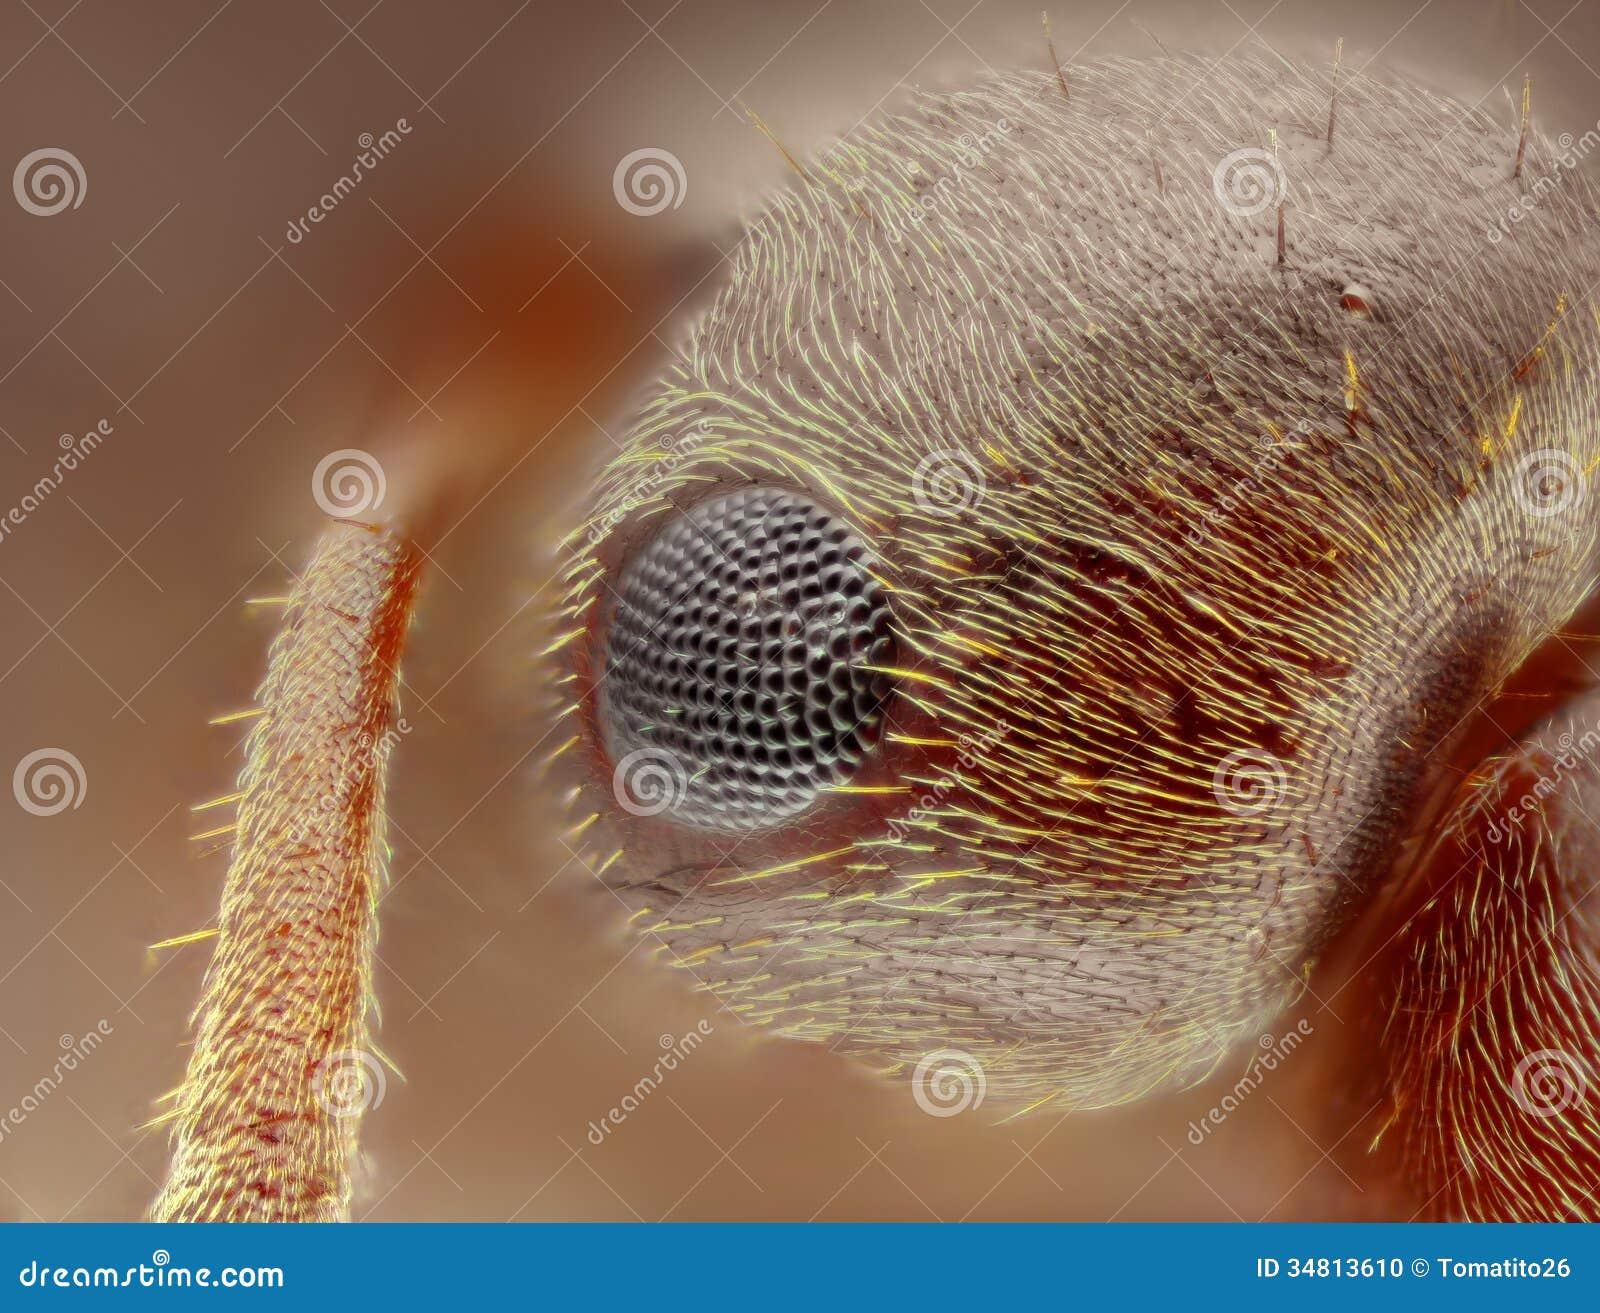 Estudo afiado e detalhado extremo da cabeça da formiga do formica